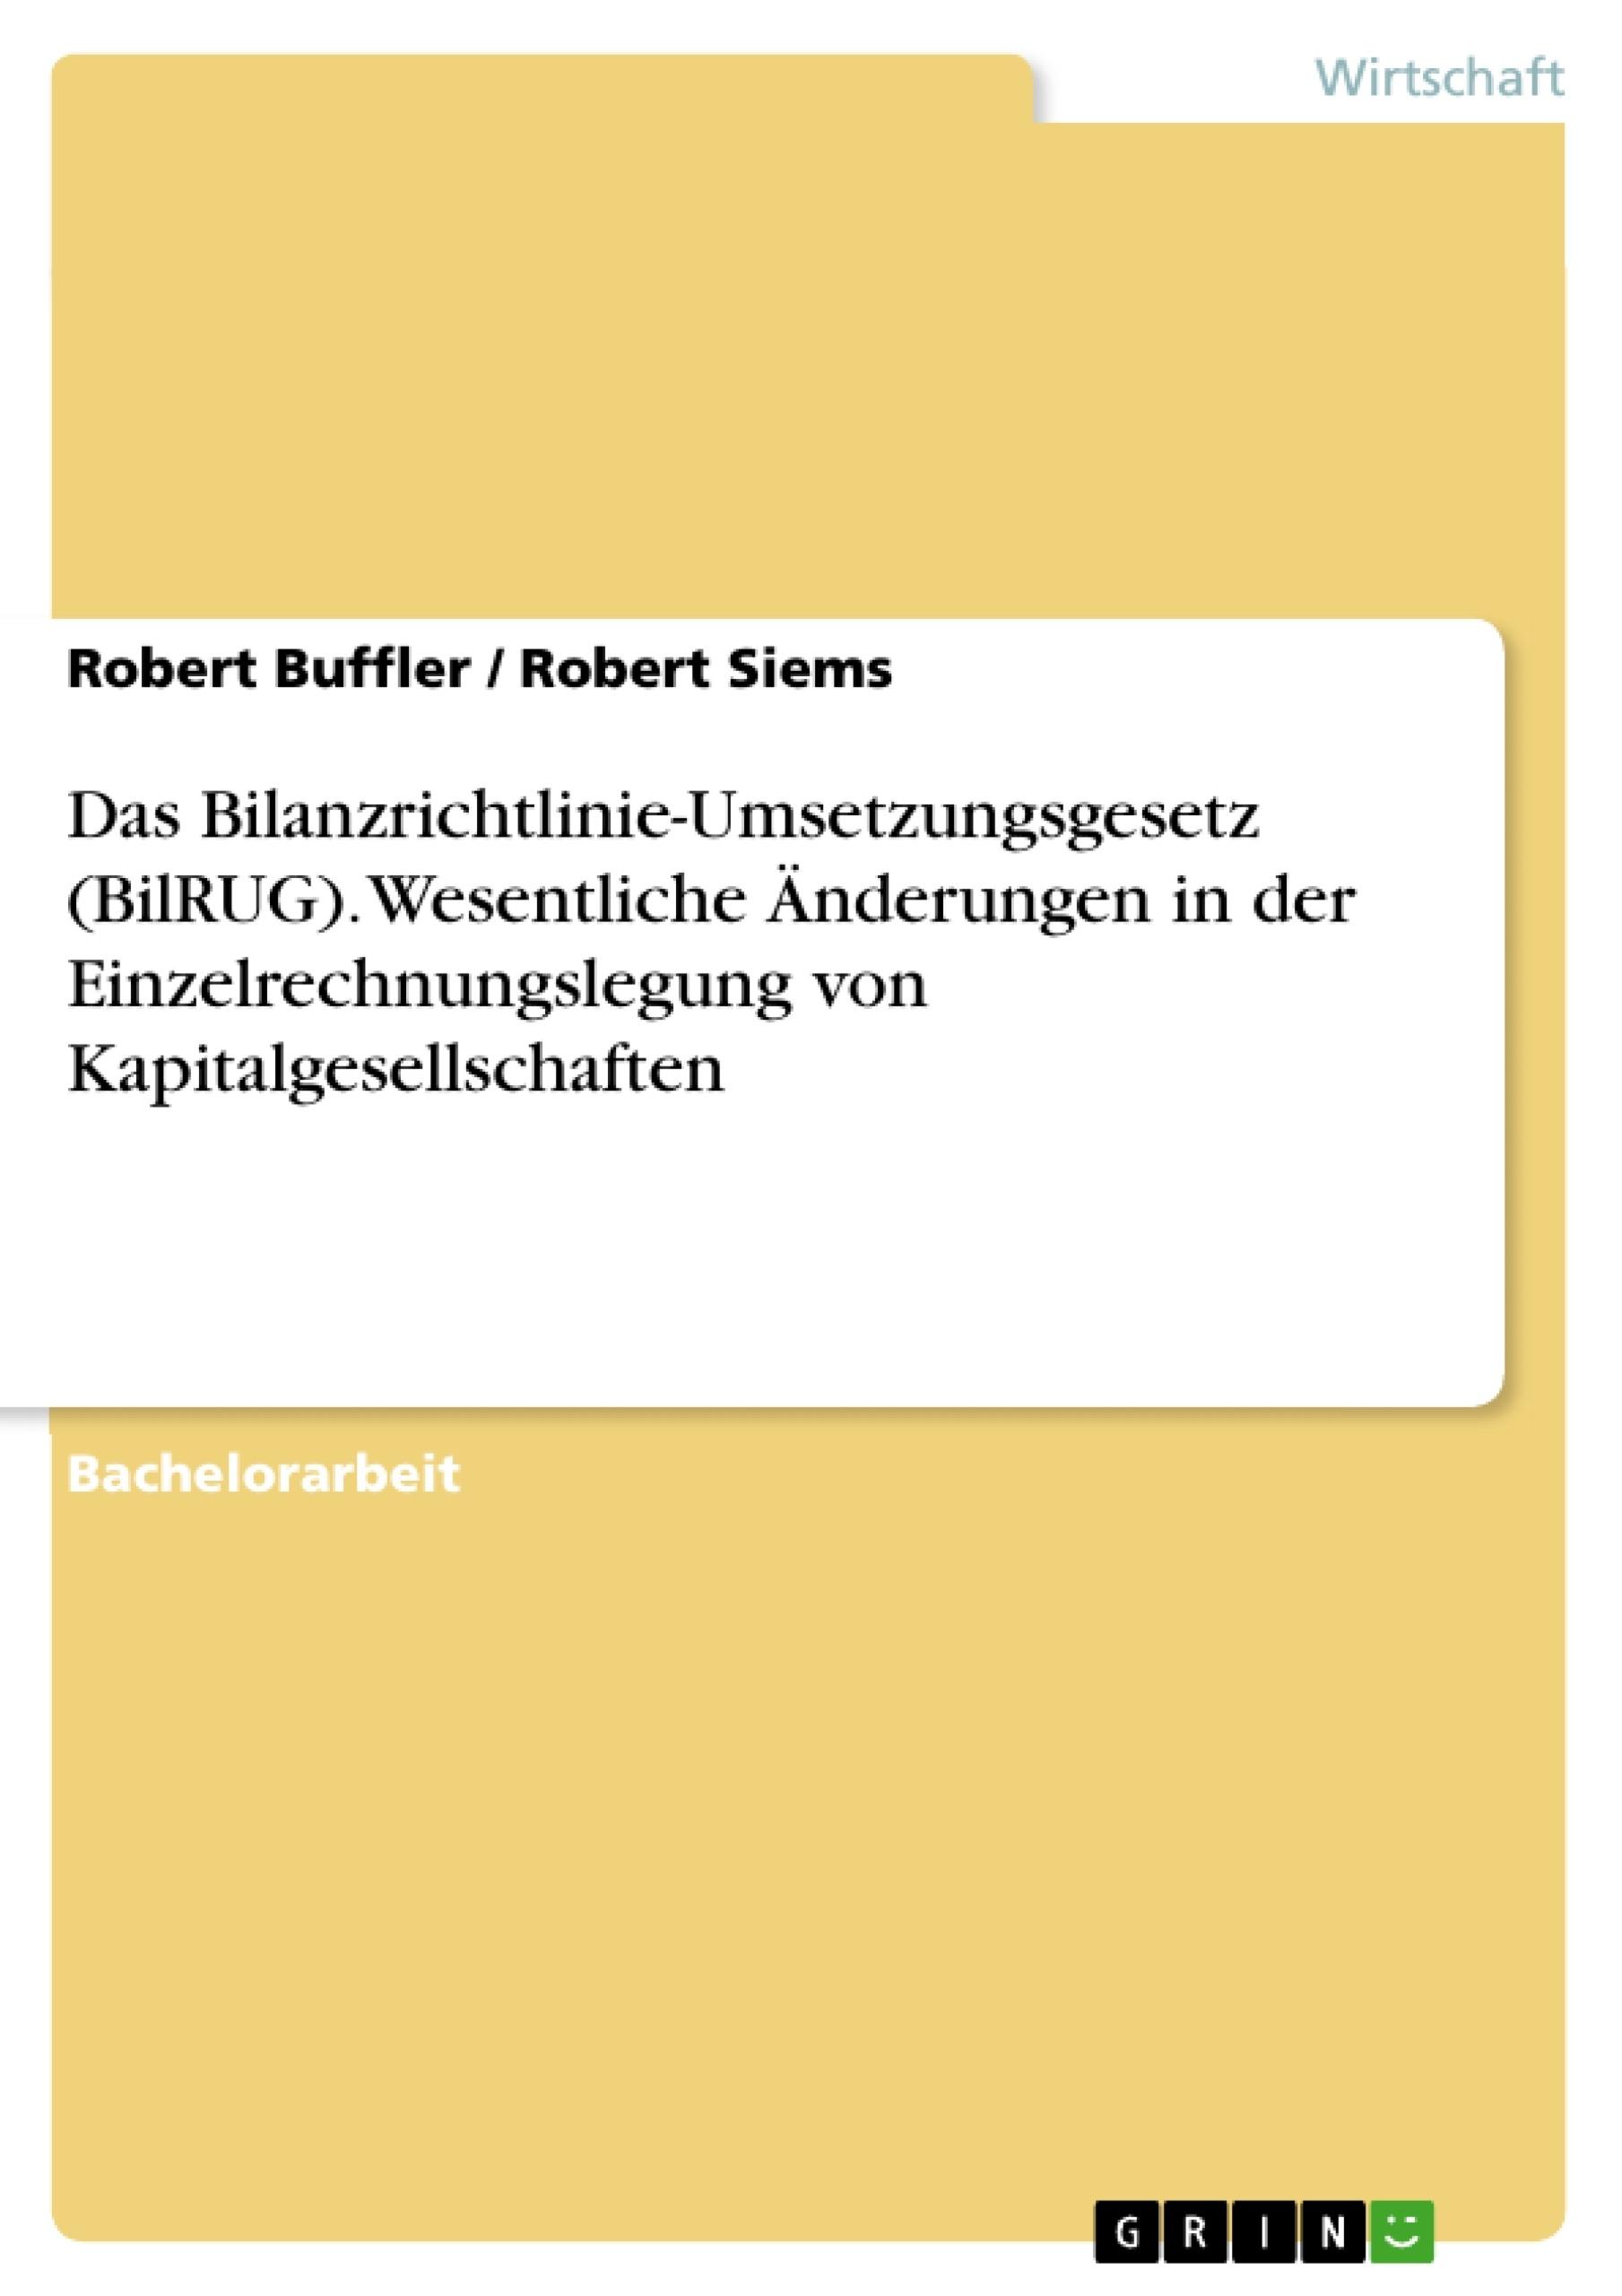 Titel: Das Bilanzrichtlinie-Umsetzungsgesetz (BilRUG). Wesentliche Änderungen in der Einzelrechnungslegung von Kapitalgesellschaften